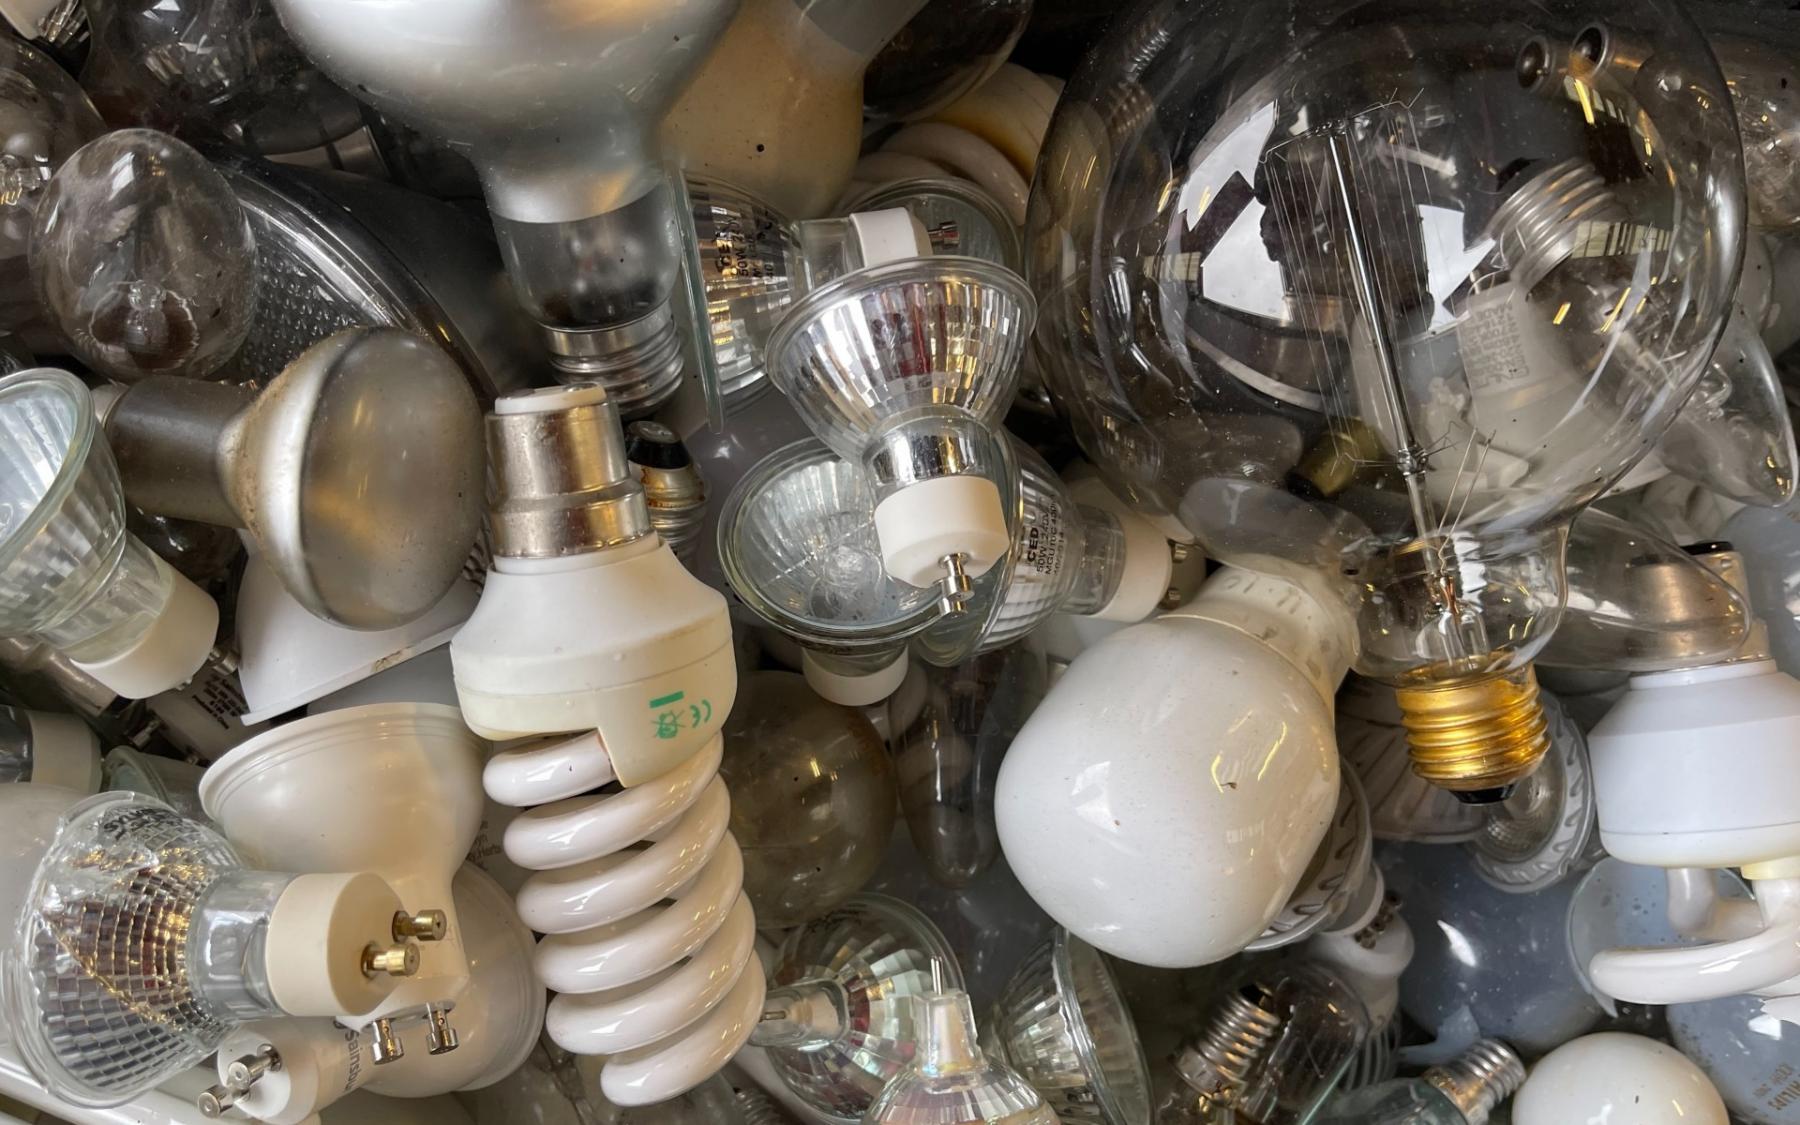 Liberecký Ideathon vyhrál studentský projekt na zefektivnění odpadového hospodářství